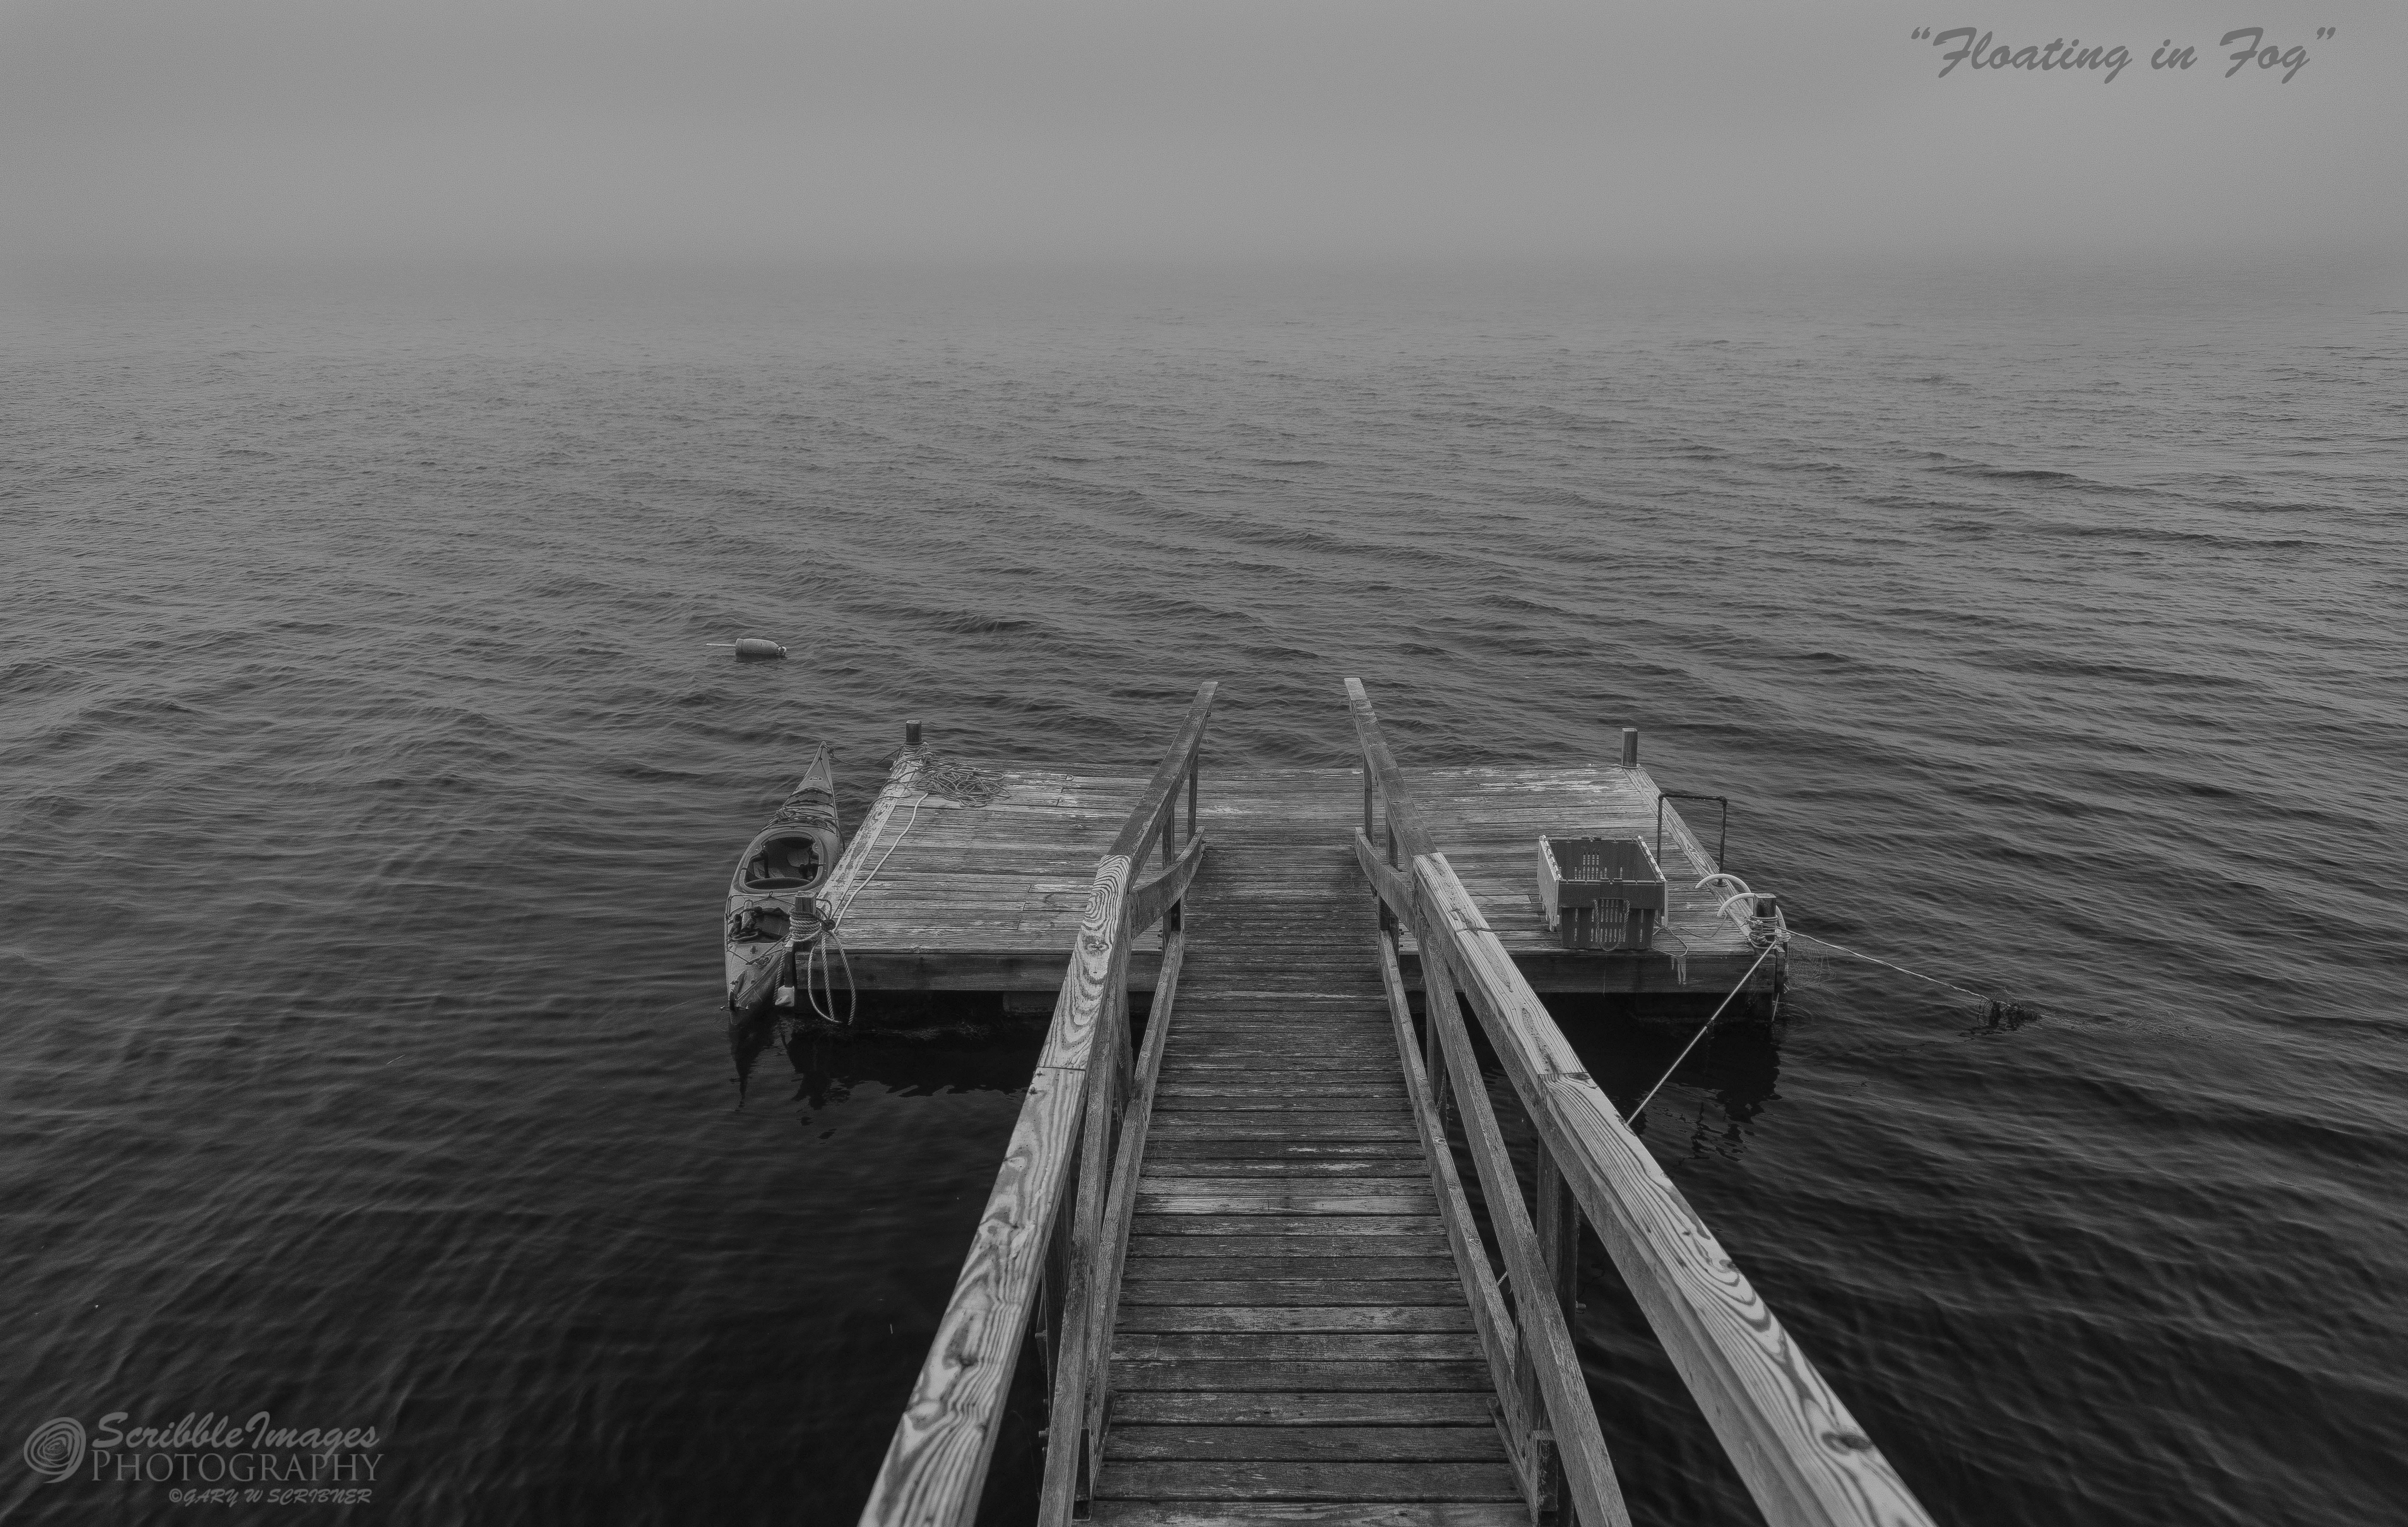 Floating Dock at Camp Forever